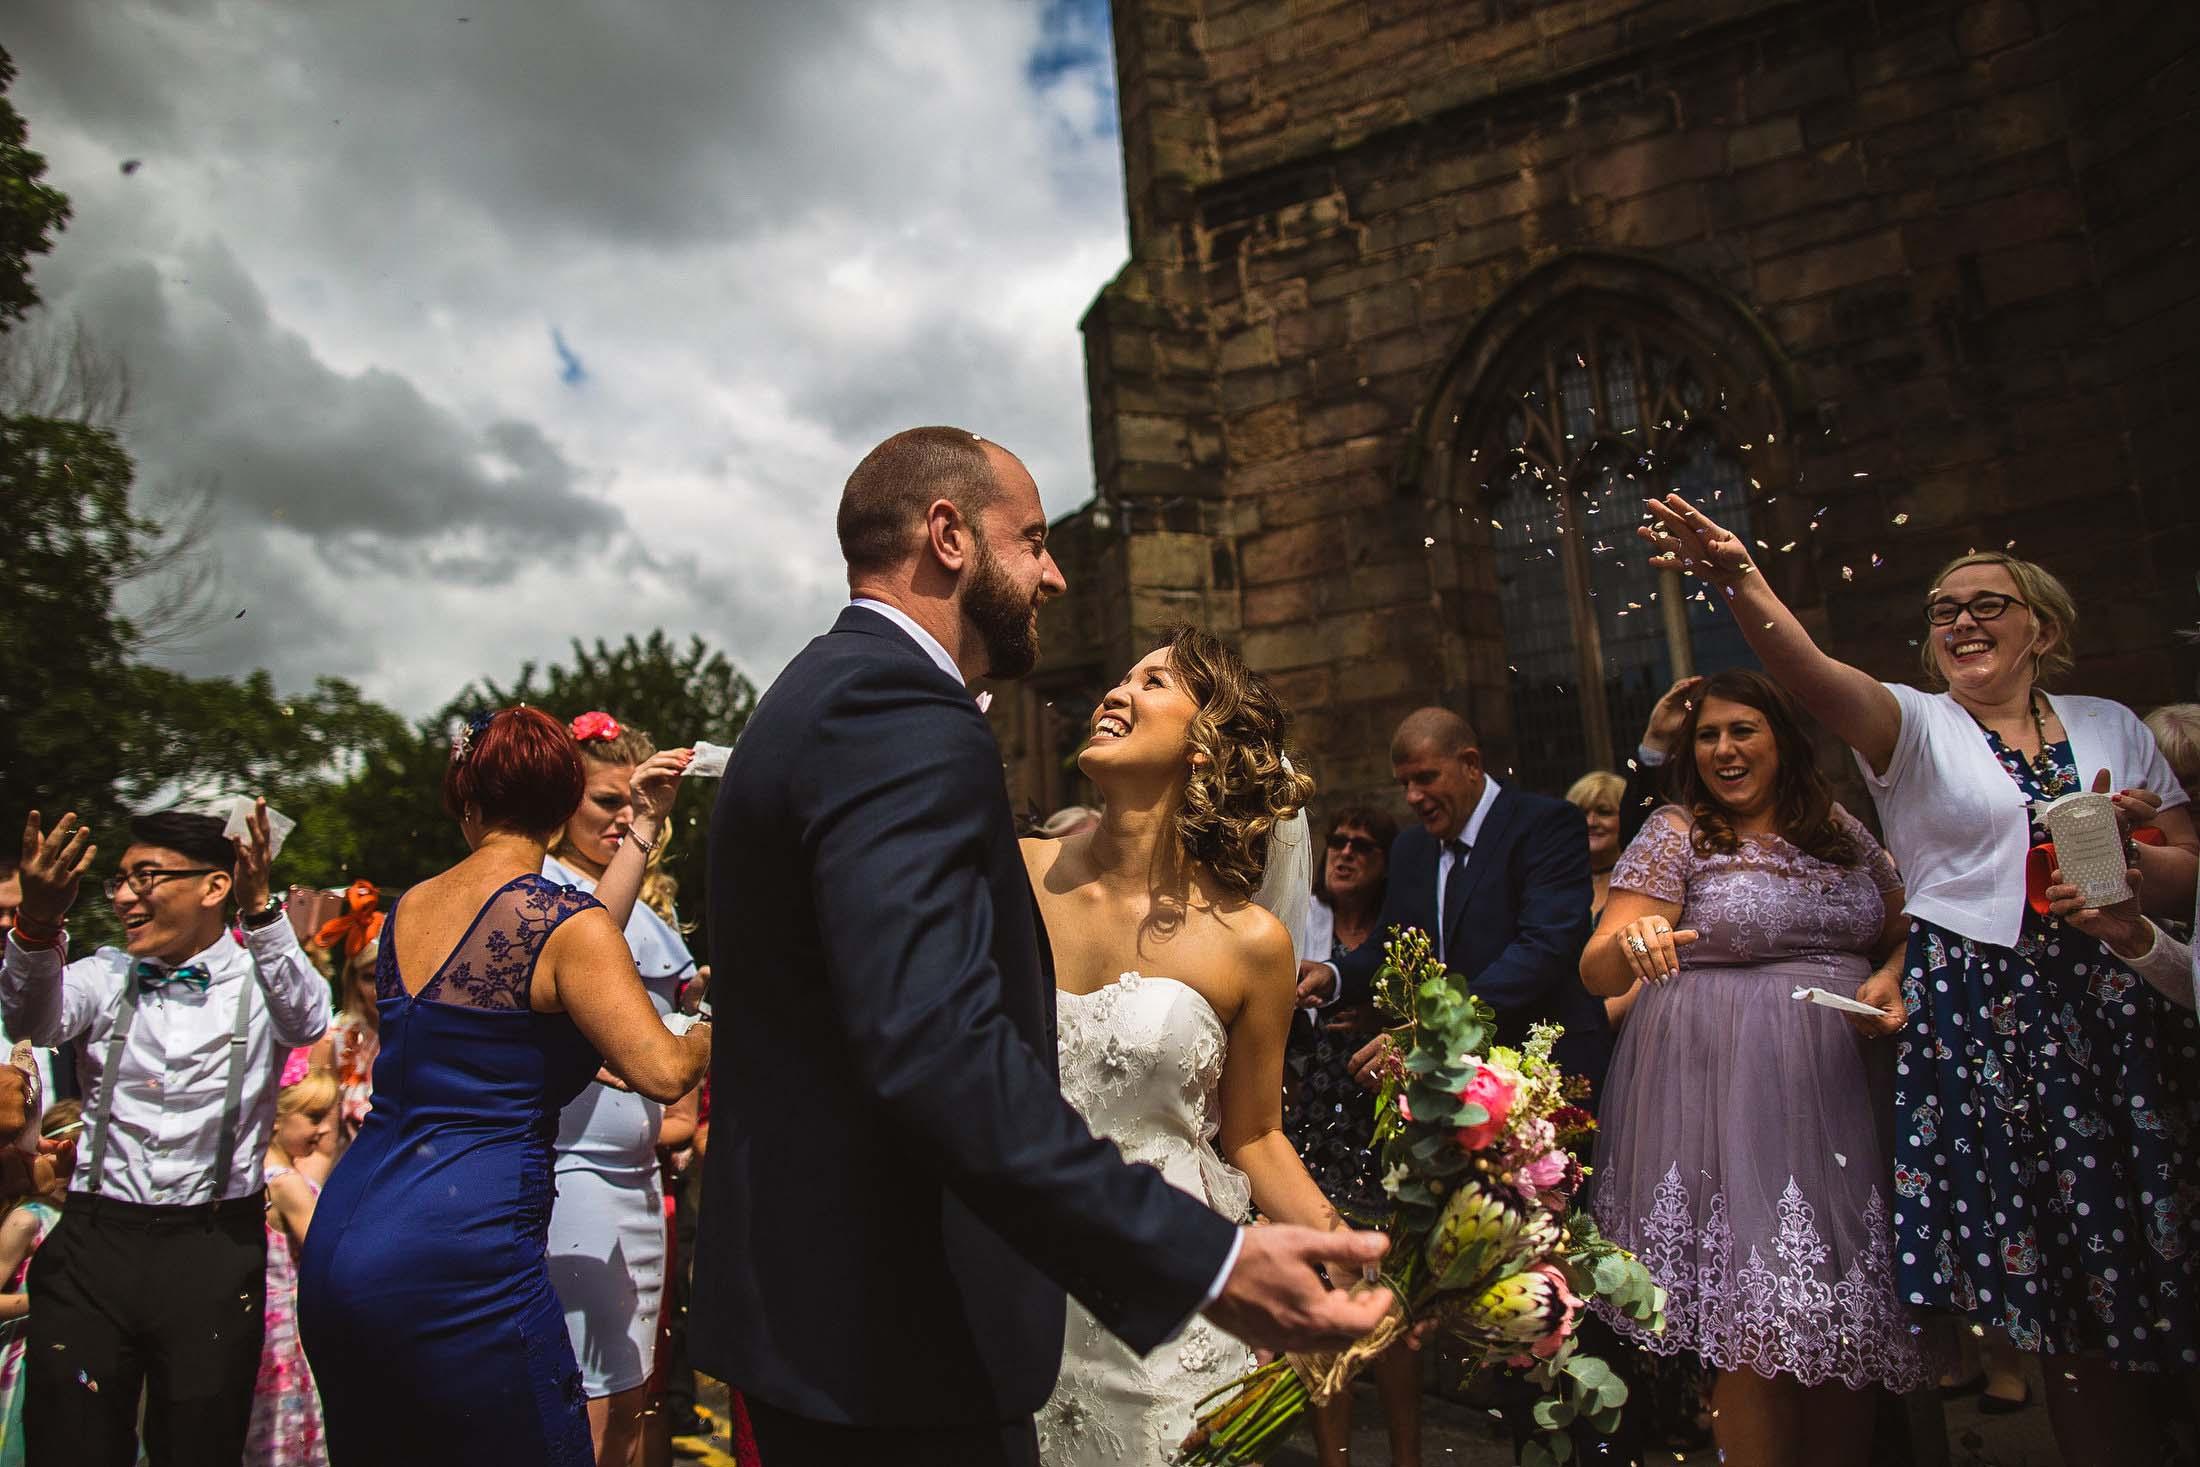 Aston hall church wedding